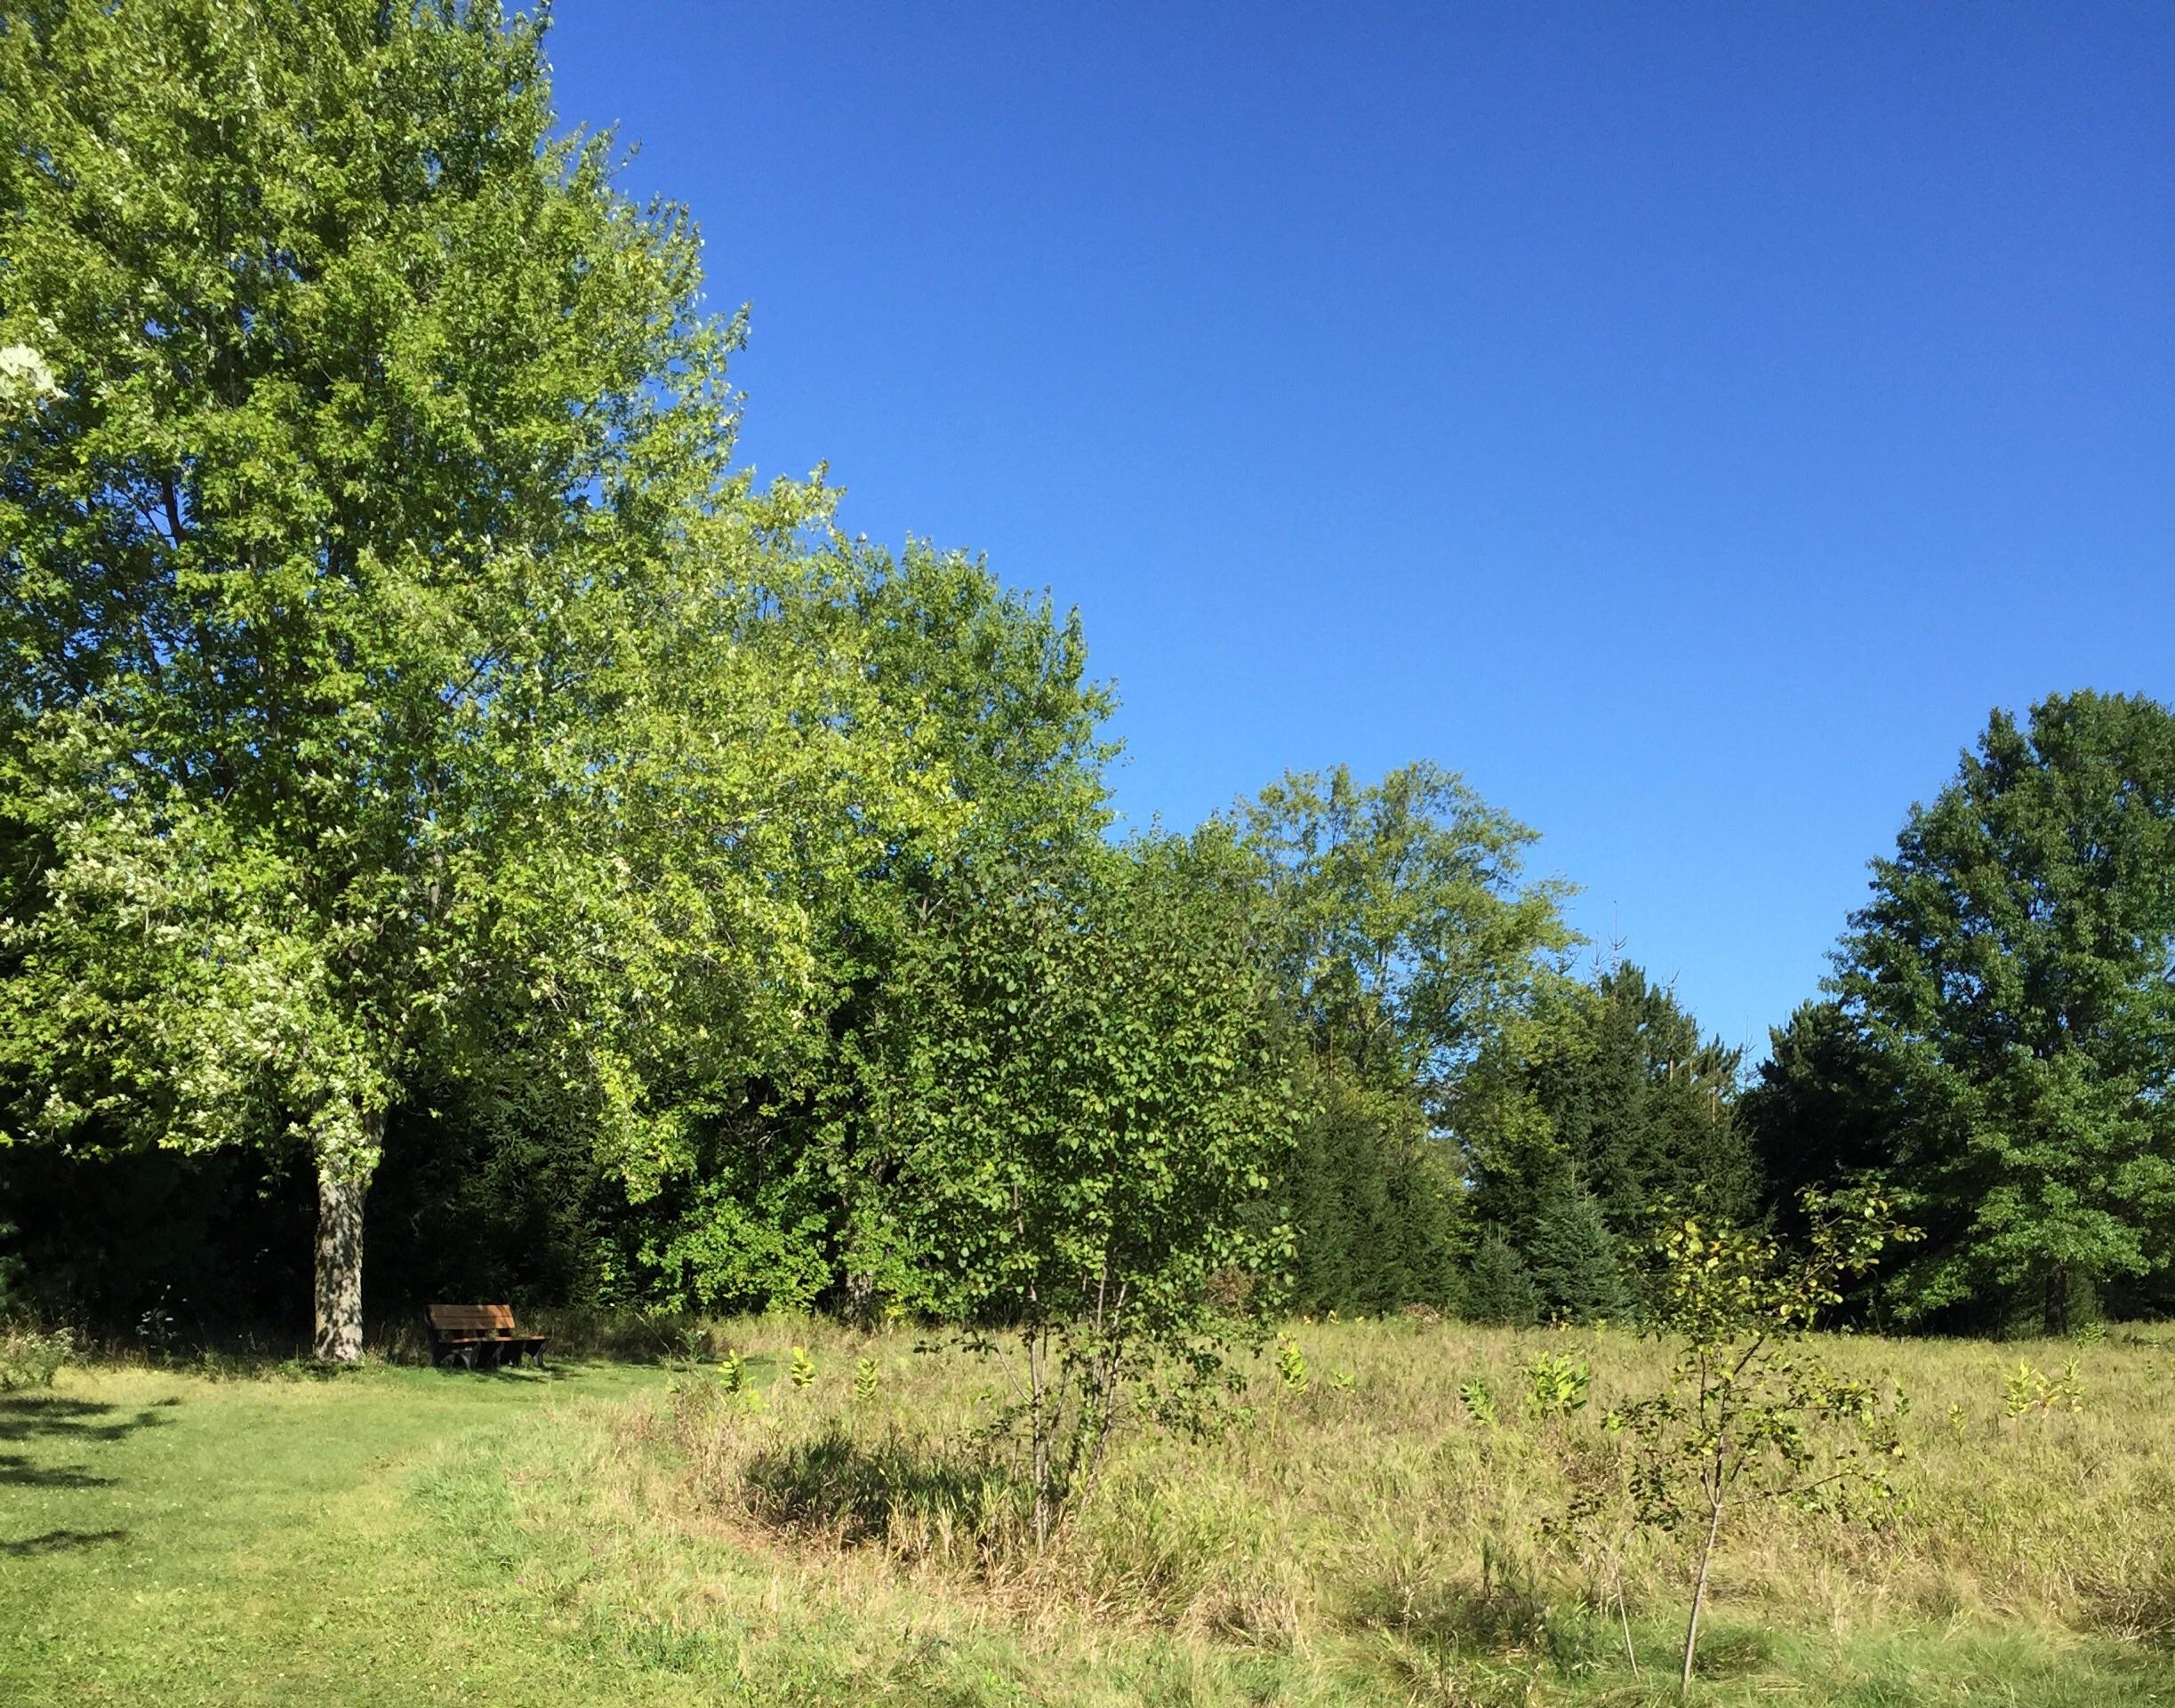 Jefferson County Dog Park